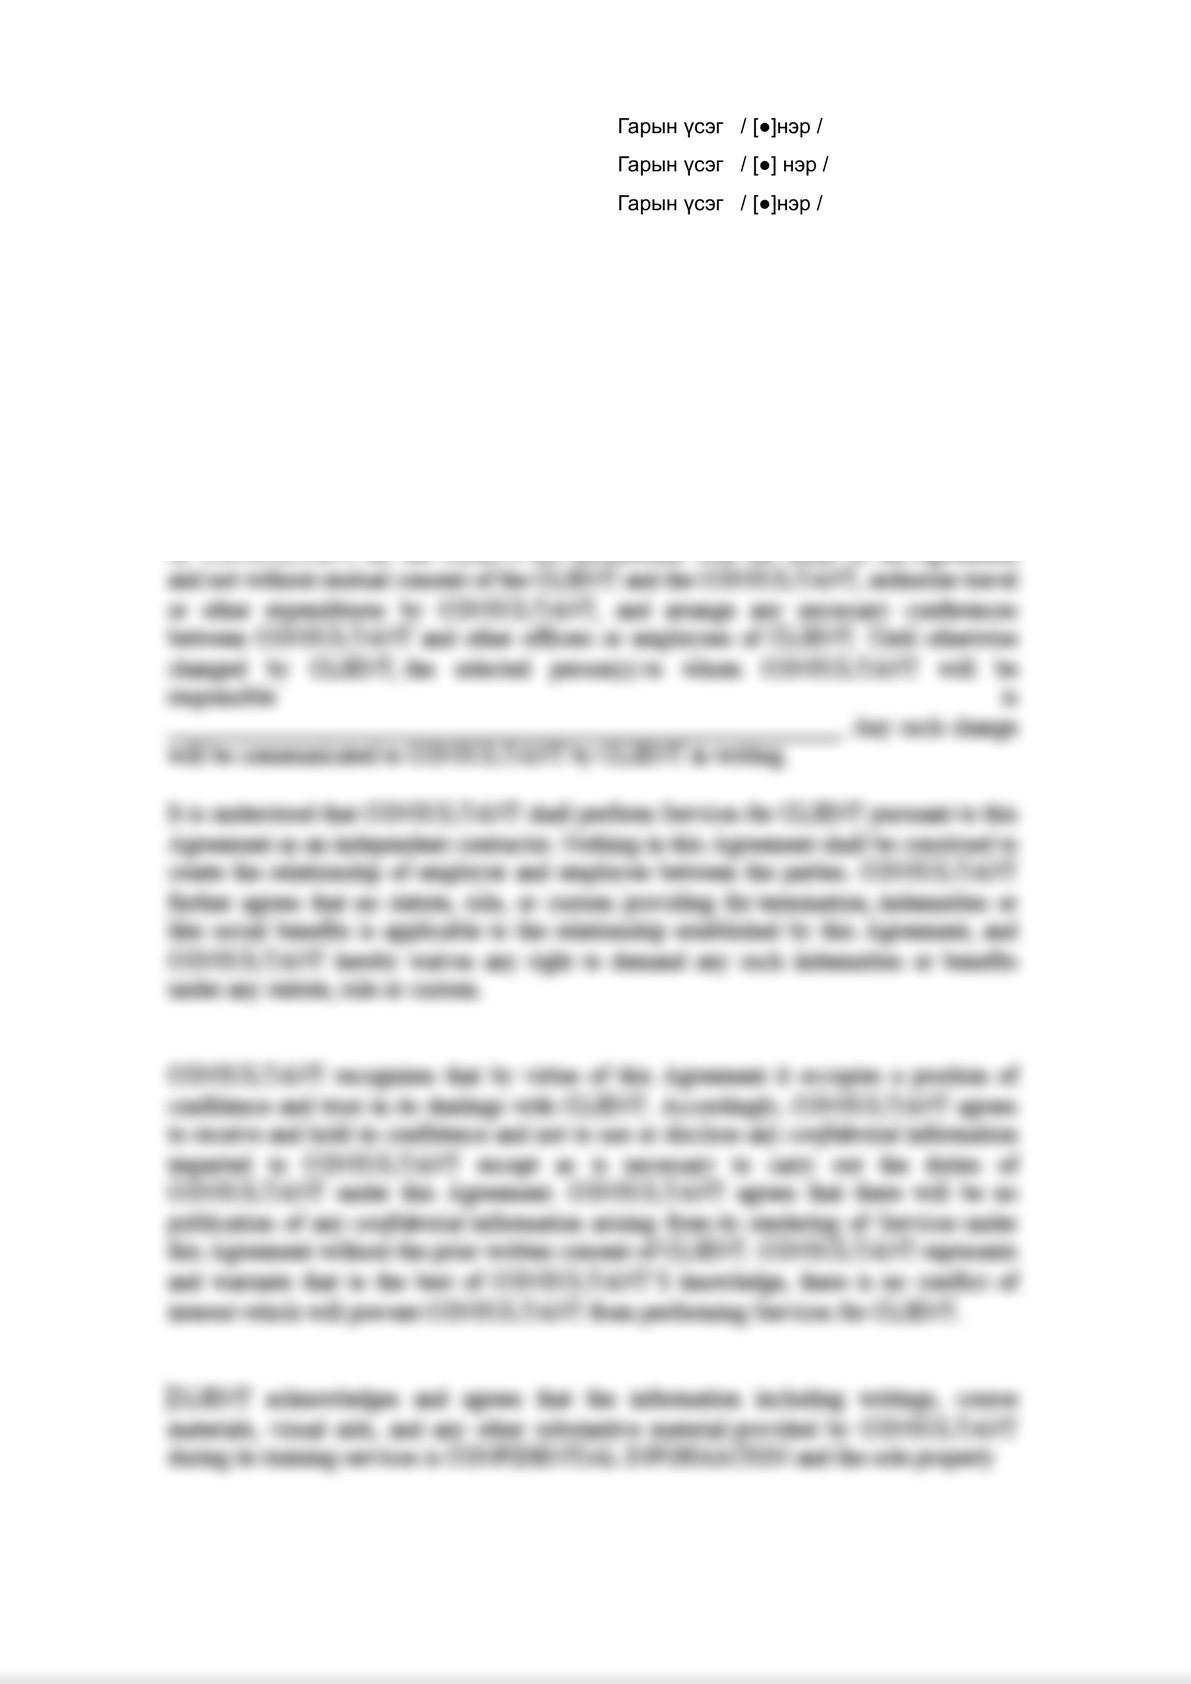 Төрийн бус байгууллагын дүрмийн төсөл-5